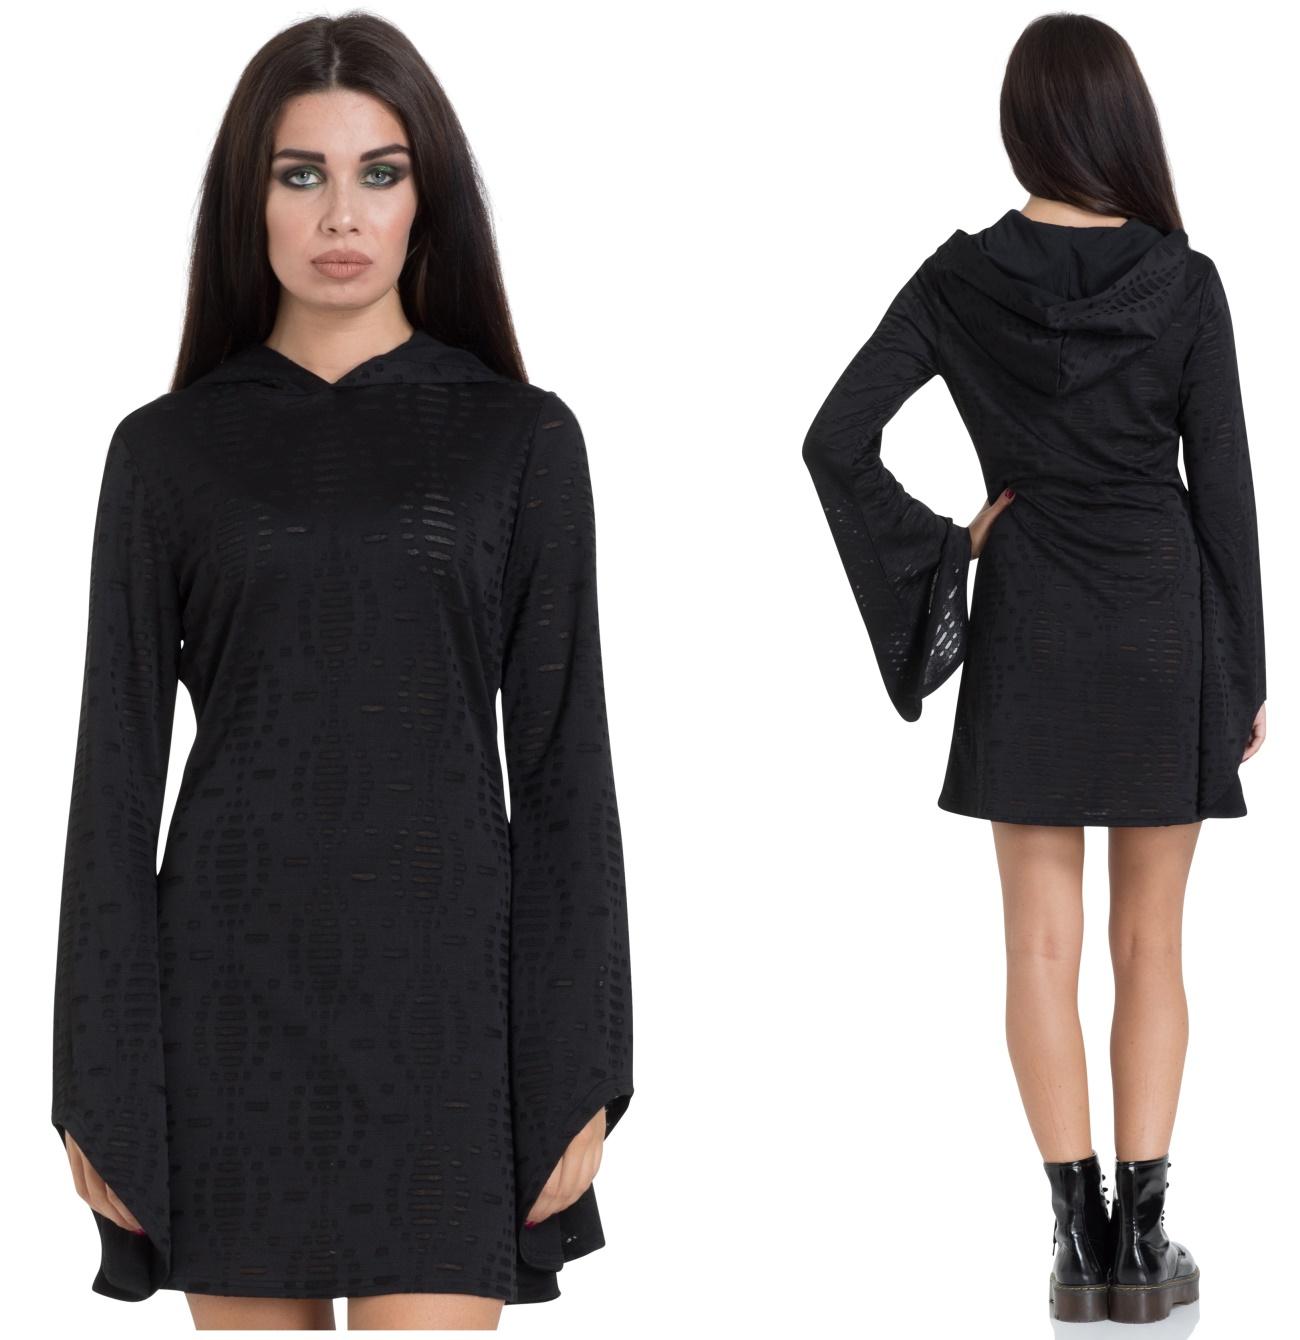 gothic kleid mit kapuze und weiten Ärmeln jawbreaker